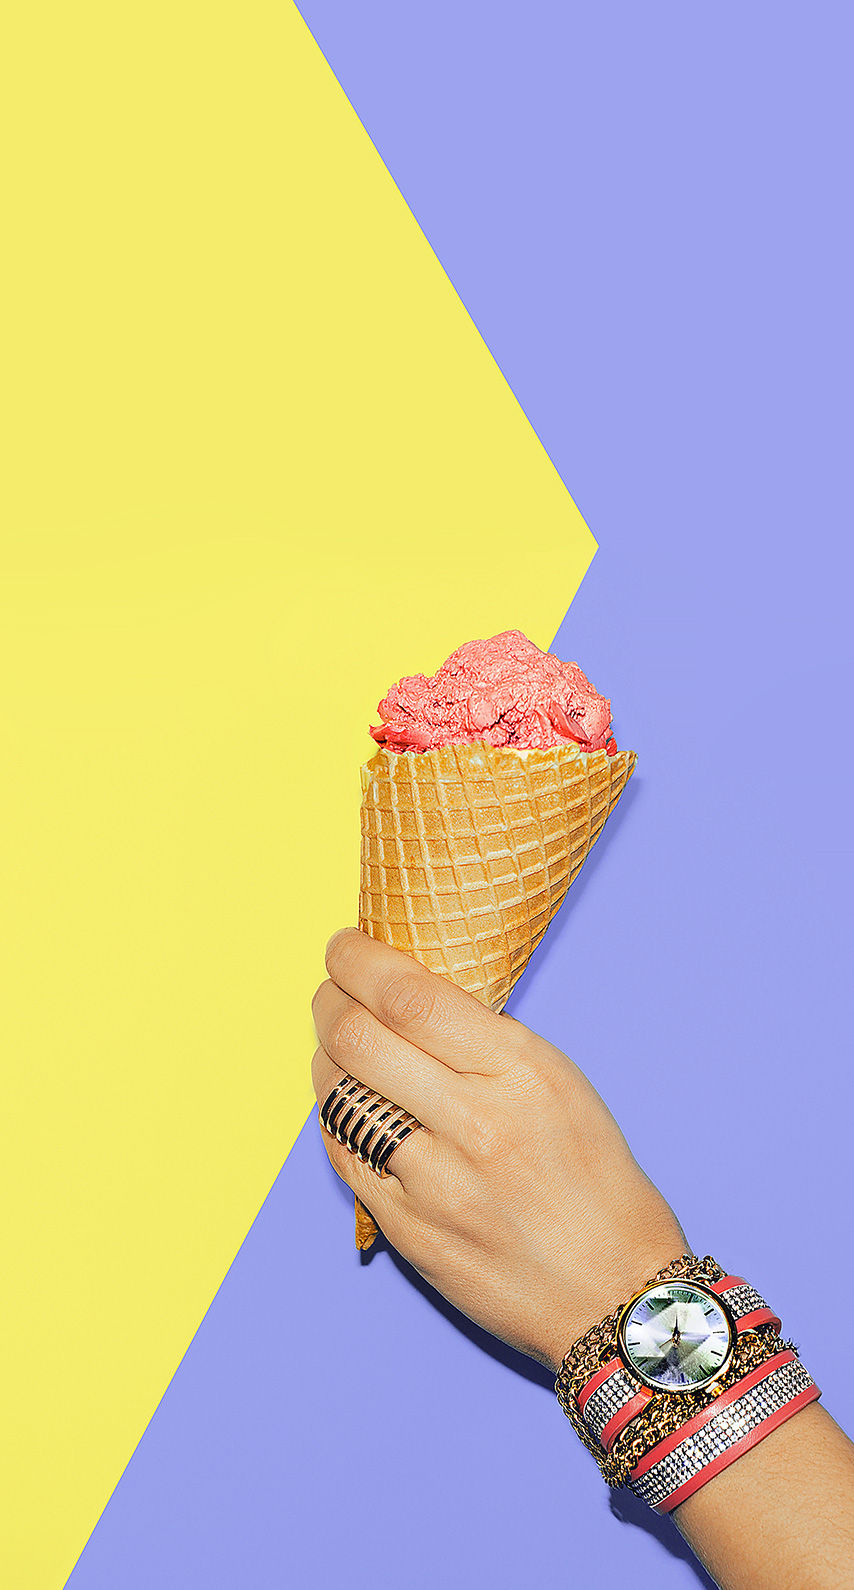 ice cream cone, dessert